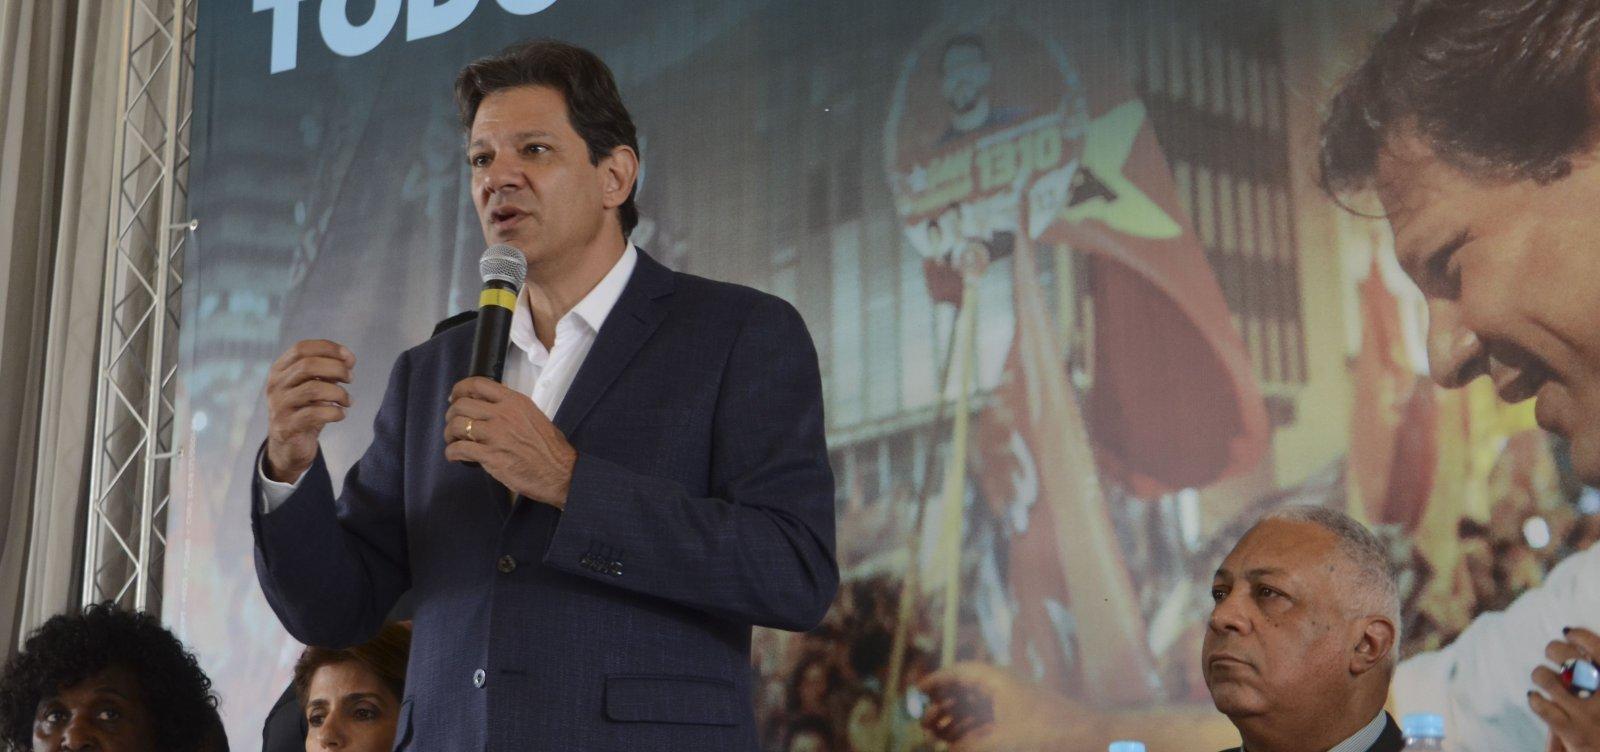 Haddad chama Bolsonaro de 'soldadinho de araque' e o acusa de montar organização criminosa contra o PT